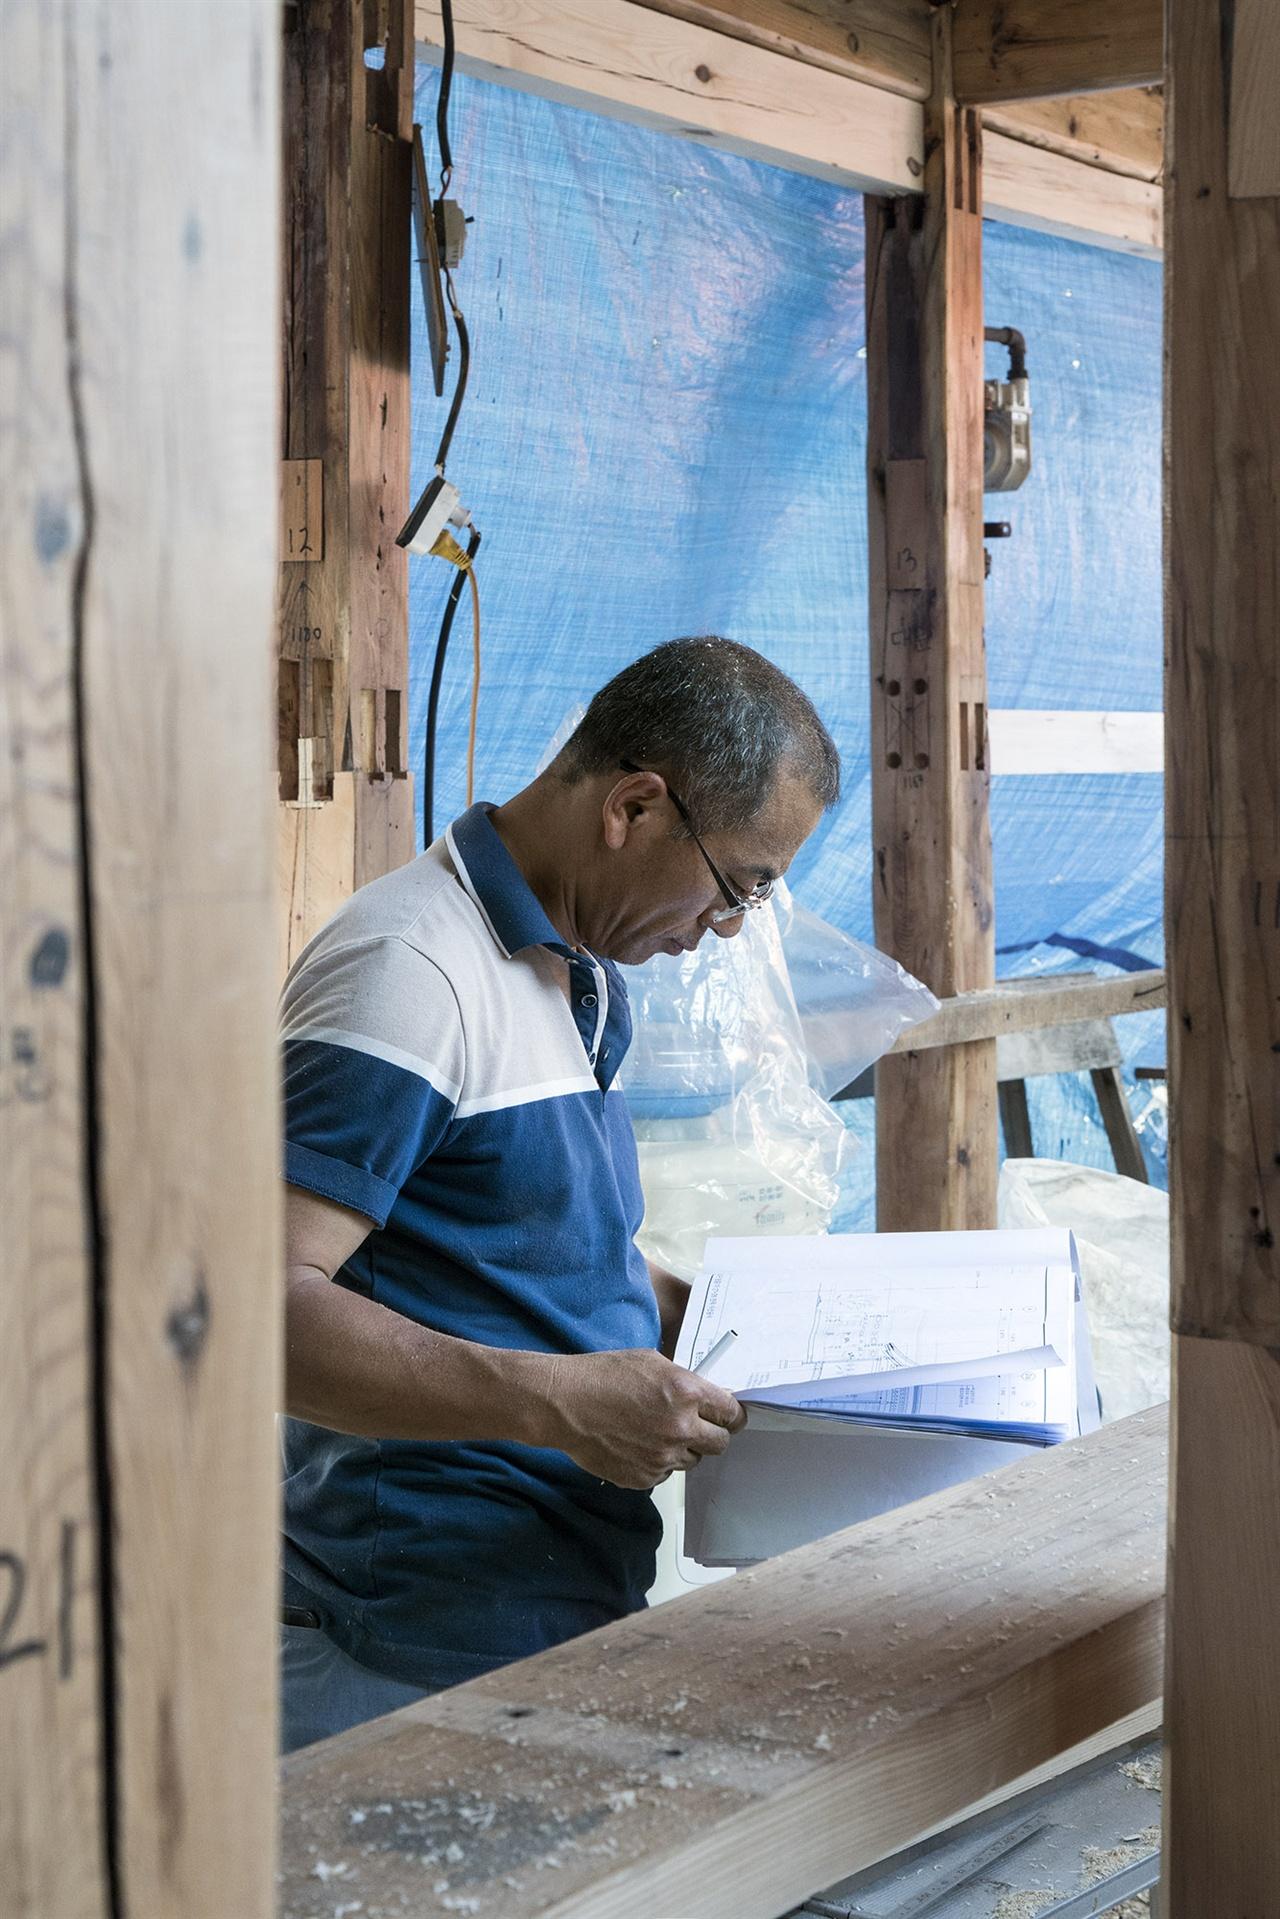 우리집 목공 책임자 한창봉 대목. 건축가는 종이 위에 도면을 그리고, 목수는 그 도면을 현장에서 구현한다. 나무는 한 번 자르면 붙일 수 없으니 집 구조 전체에 대한 충분한 이해는 필수다. ⓒ 황우섭